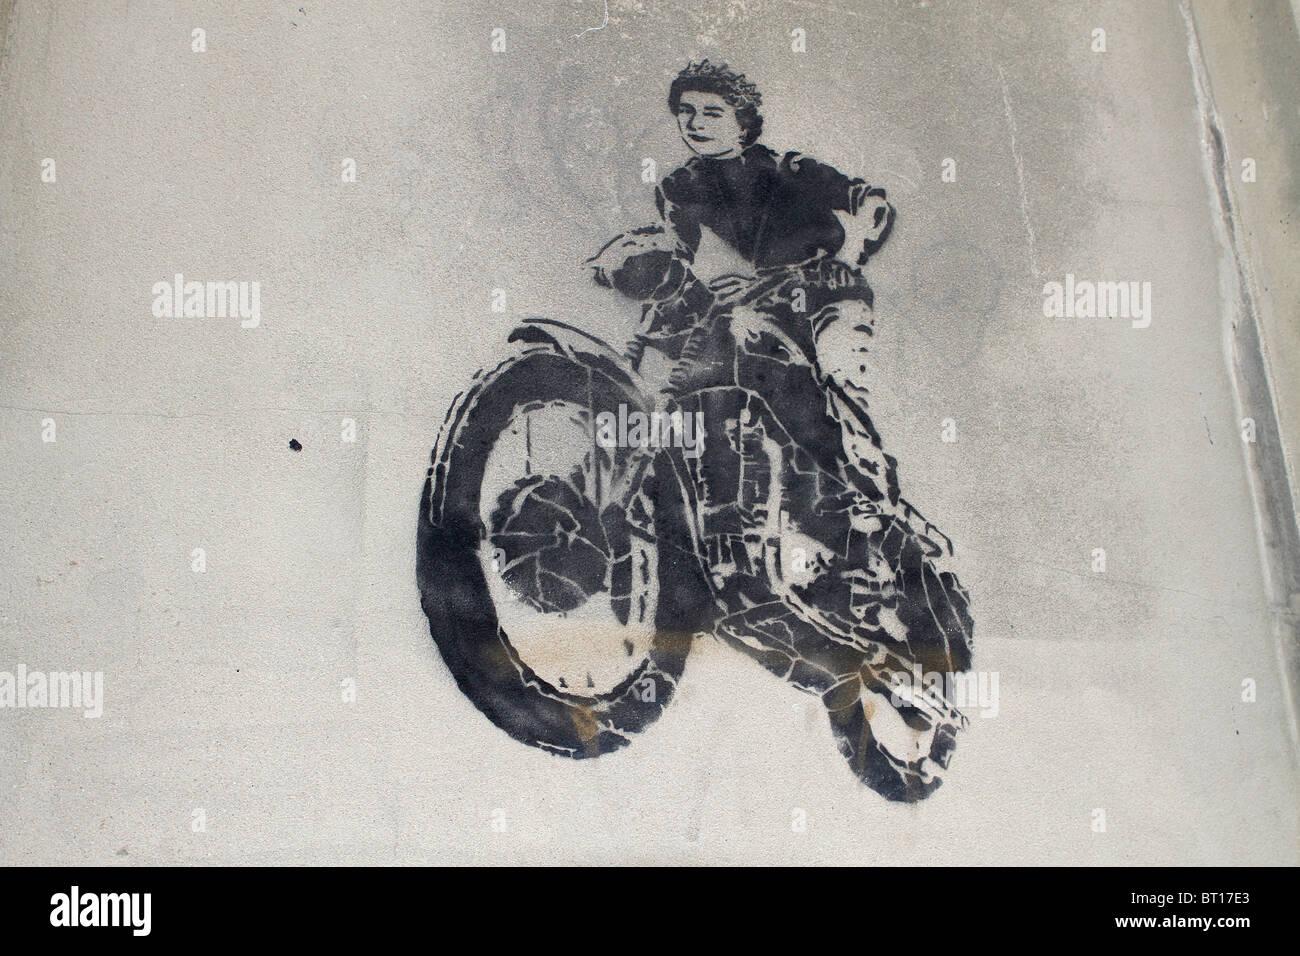 McQueen stencil greffiti, Queen Elizabeth 2nd motorbike jump from the great escape movie, street art London, UK - Stock Image